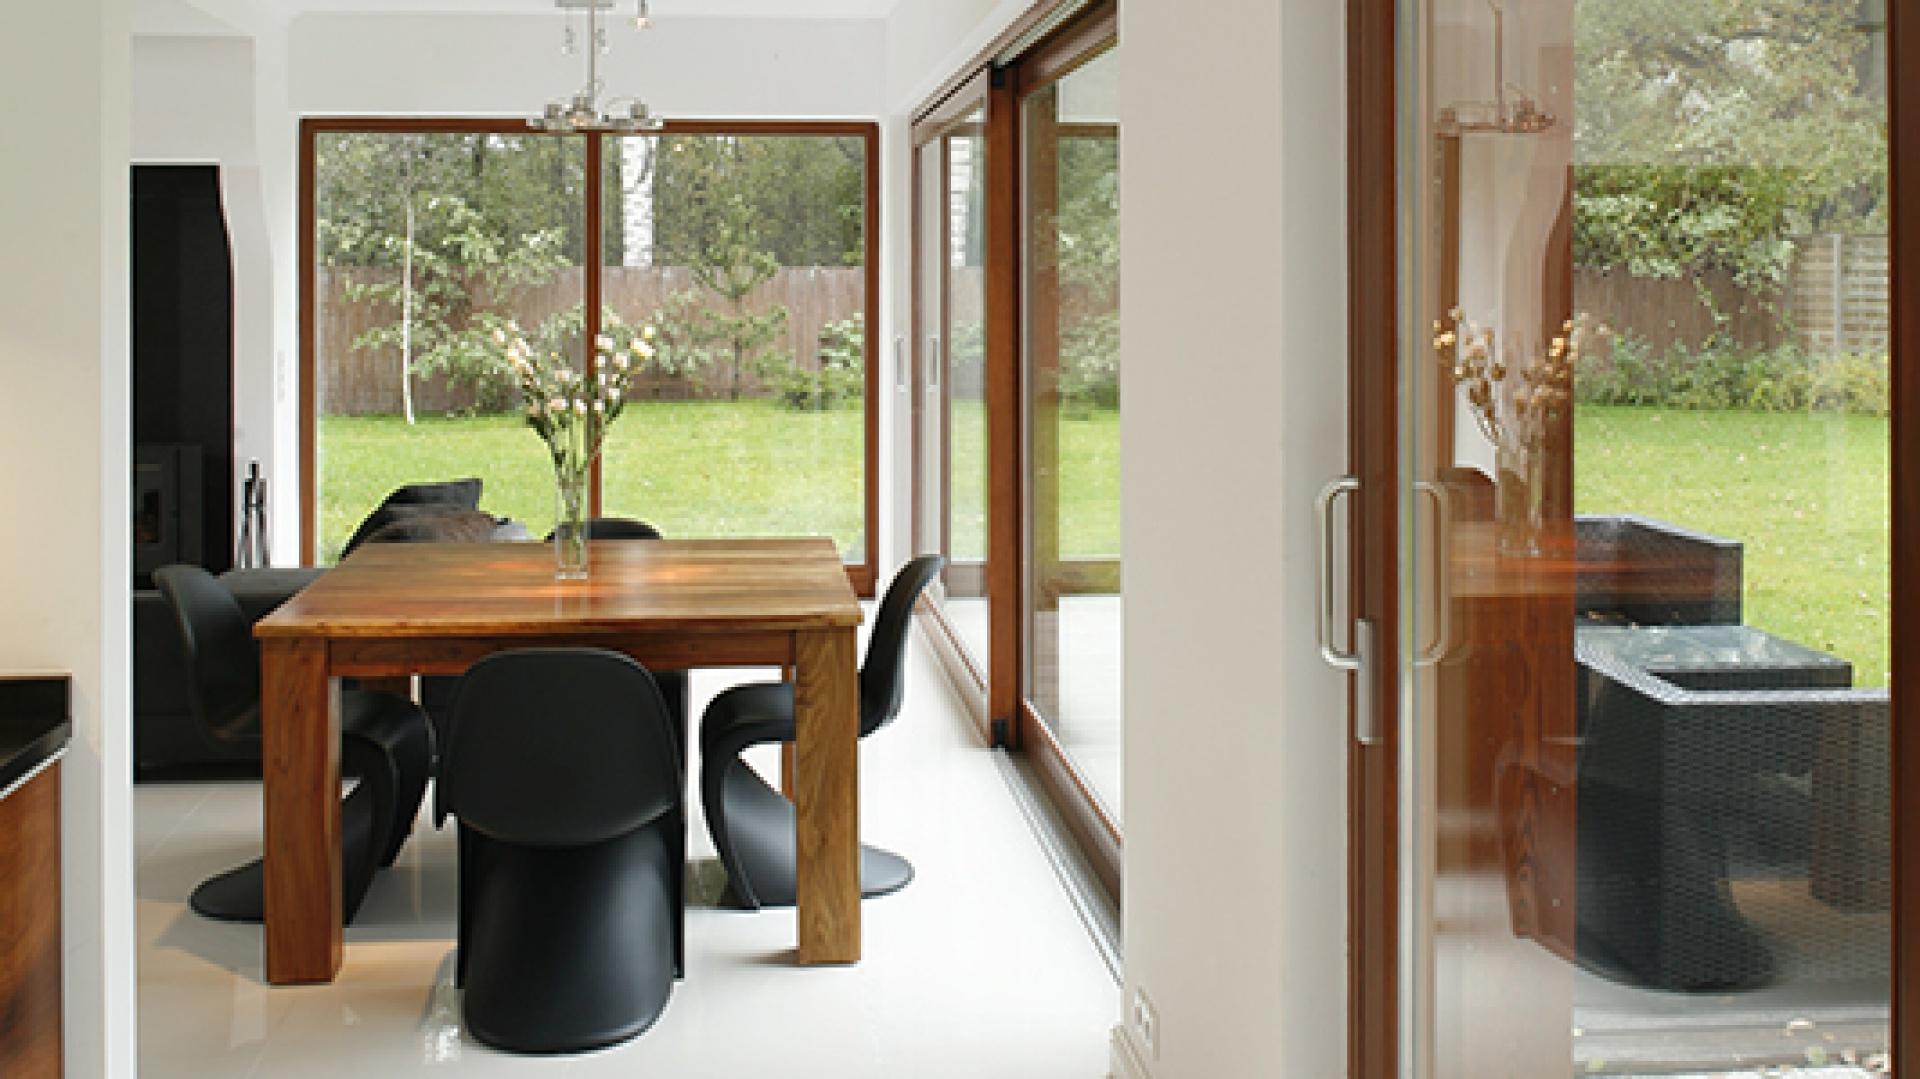 """Ogromne okna doświetlają nie tylko kuchnię, ale i jadalnię, gdzie ustawiono stół z akacji indyjskiej wraz z krzesłami """"Panton Chair Classic"""" marki Vitra. Fot. Bartosz Jarosz."""